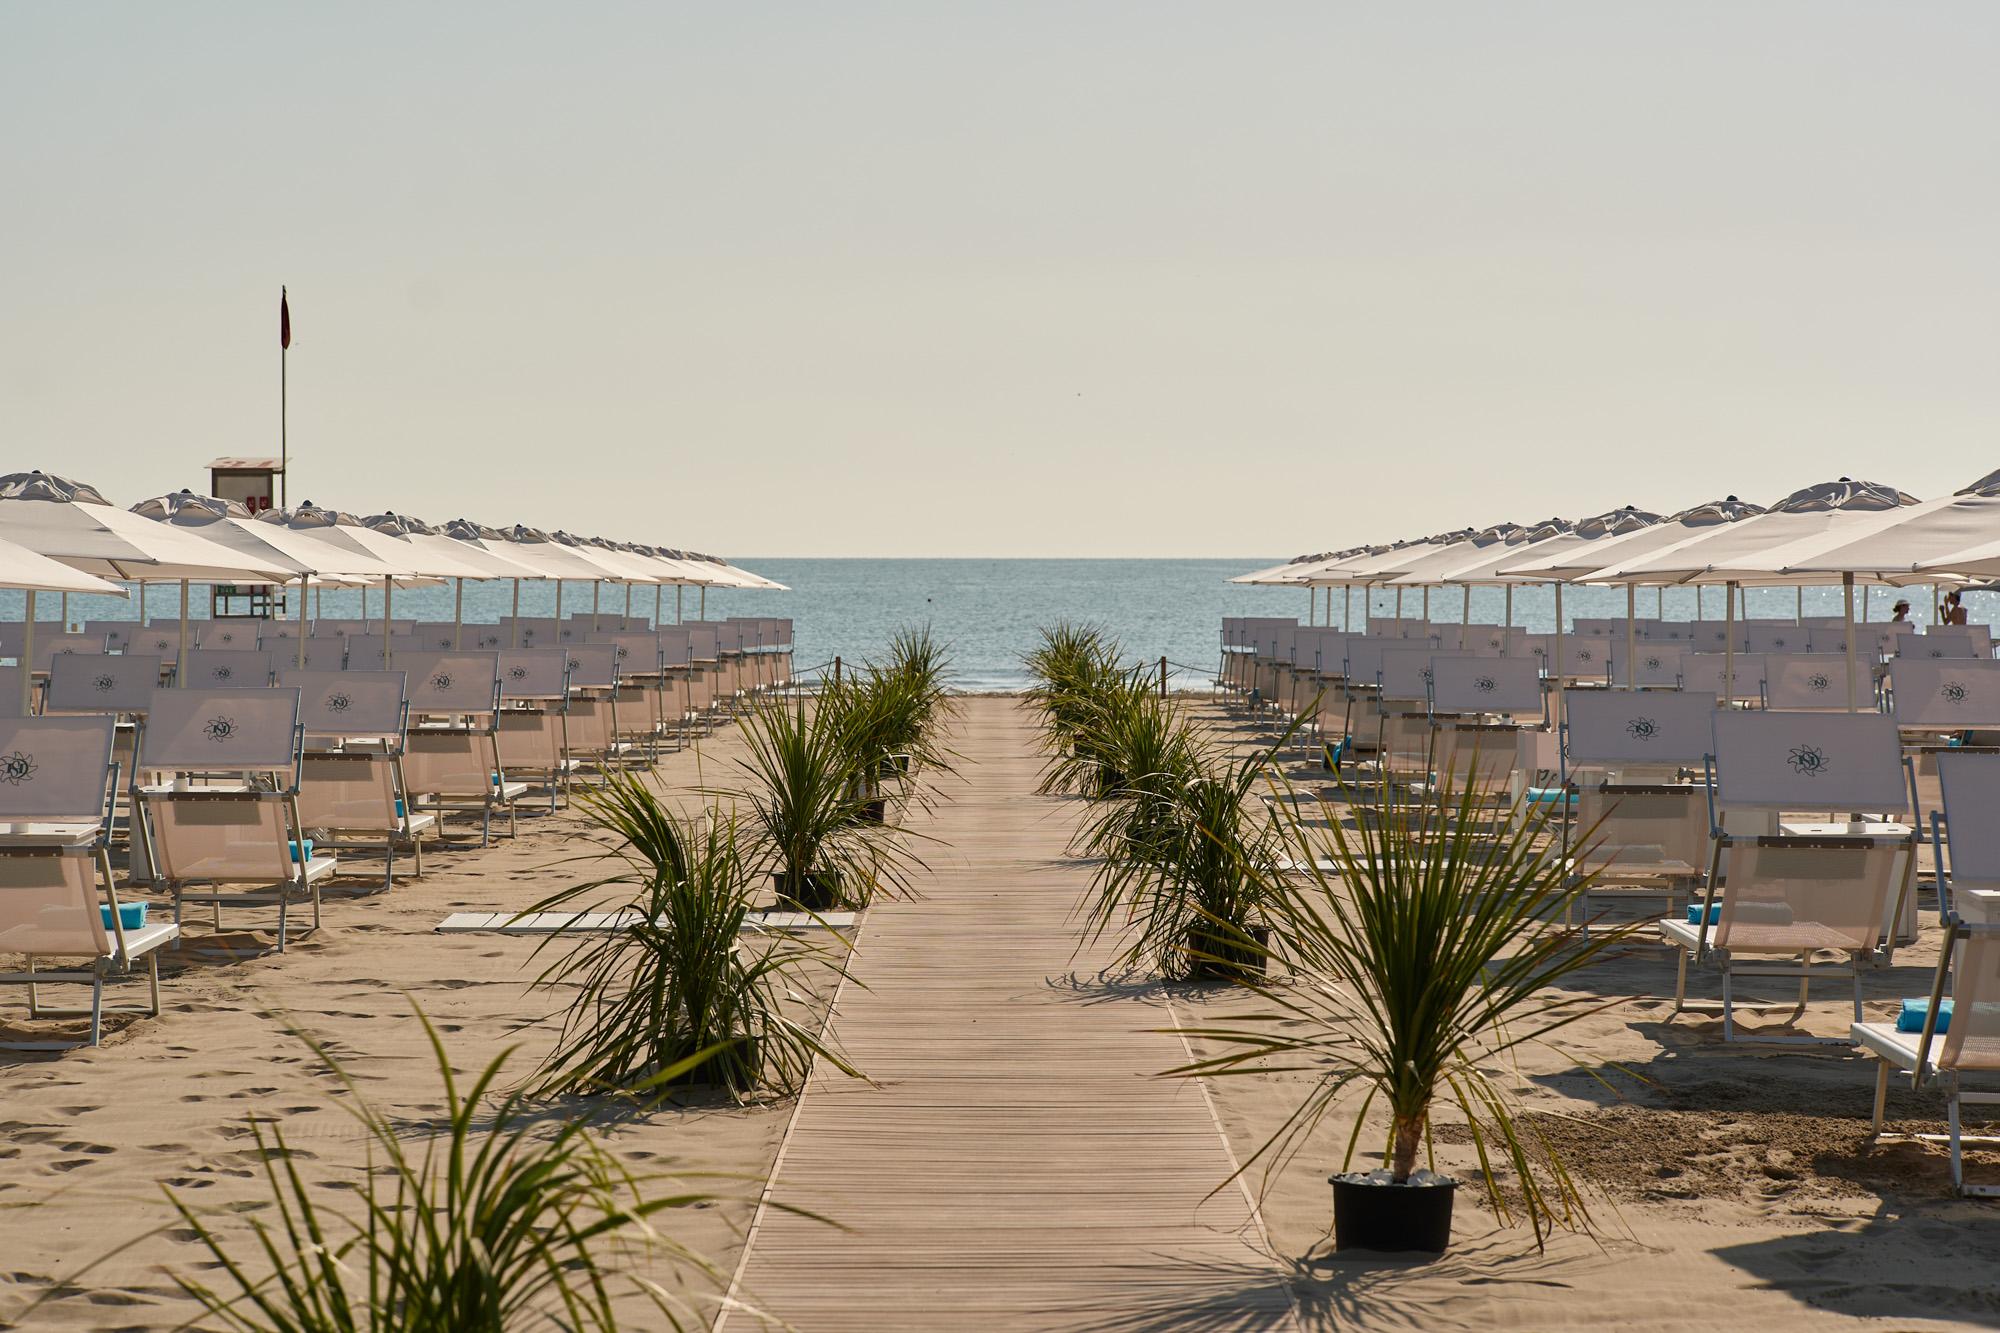 bagno giuliano 247 lungomare milano marittima spiaggia distanziata passerella con palme